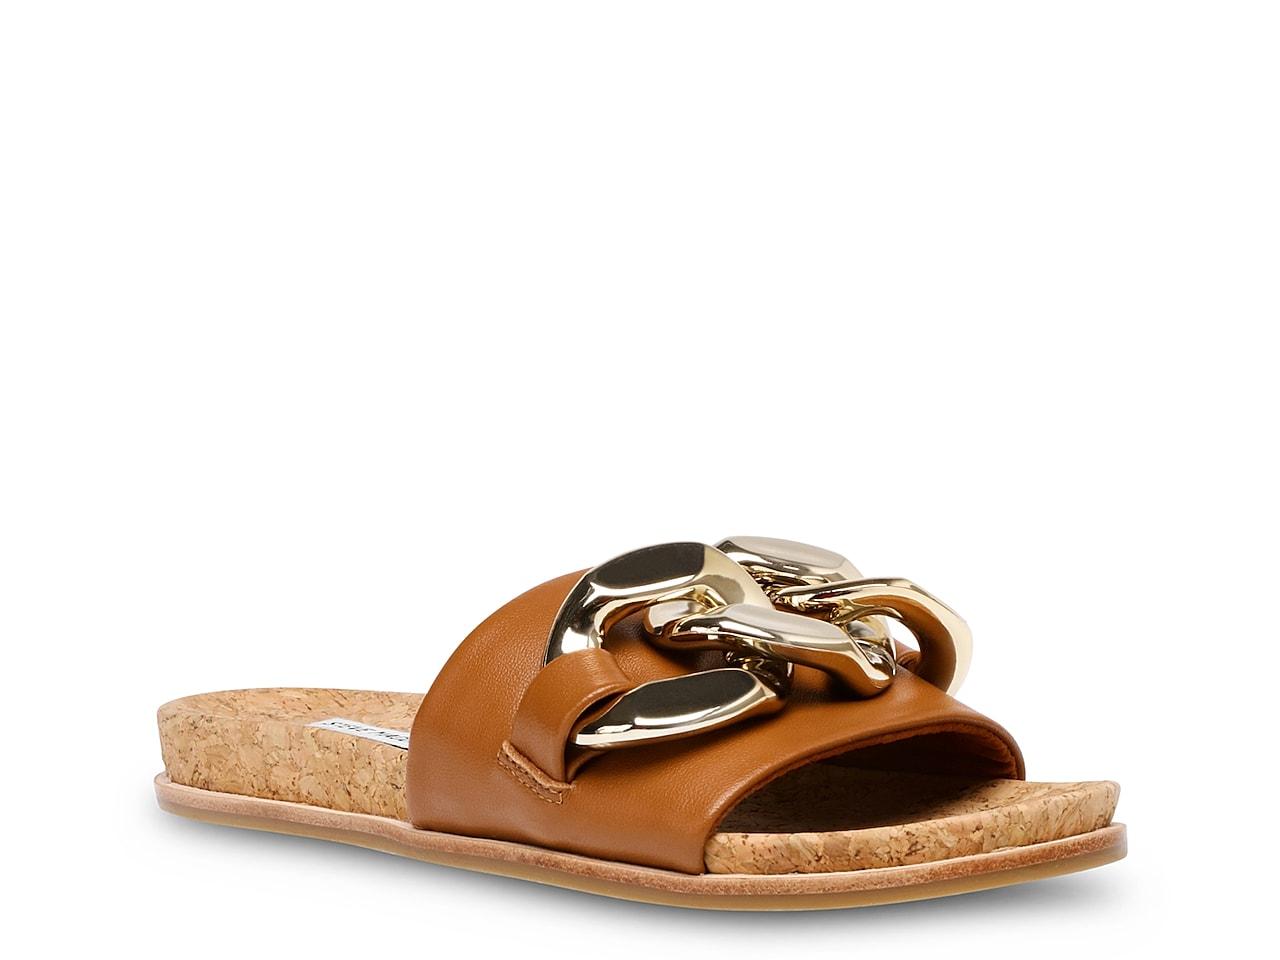 Steve Madden Delay Slide Sandal